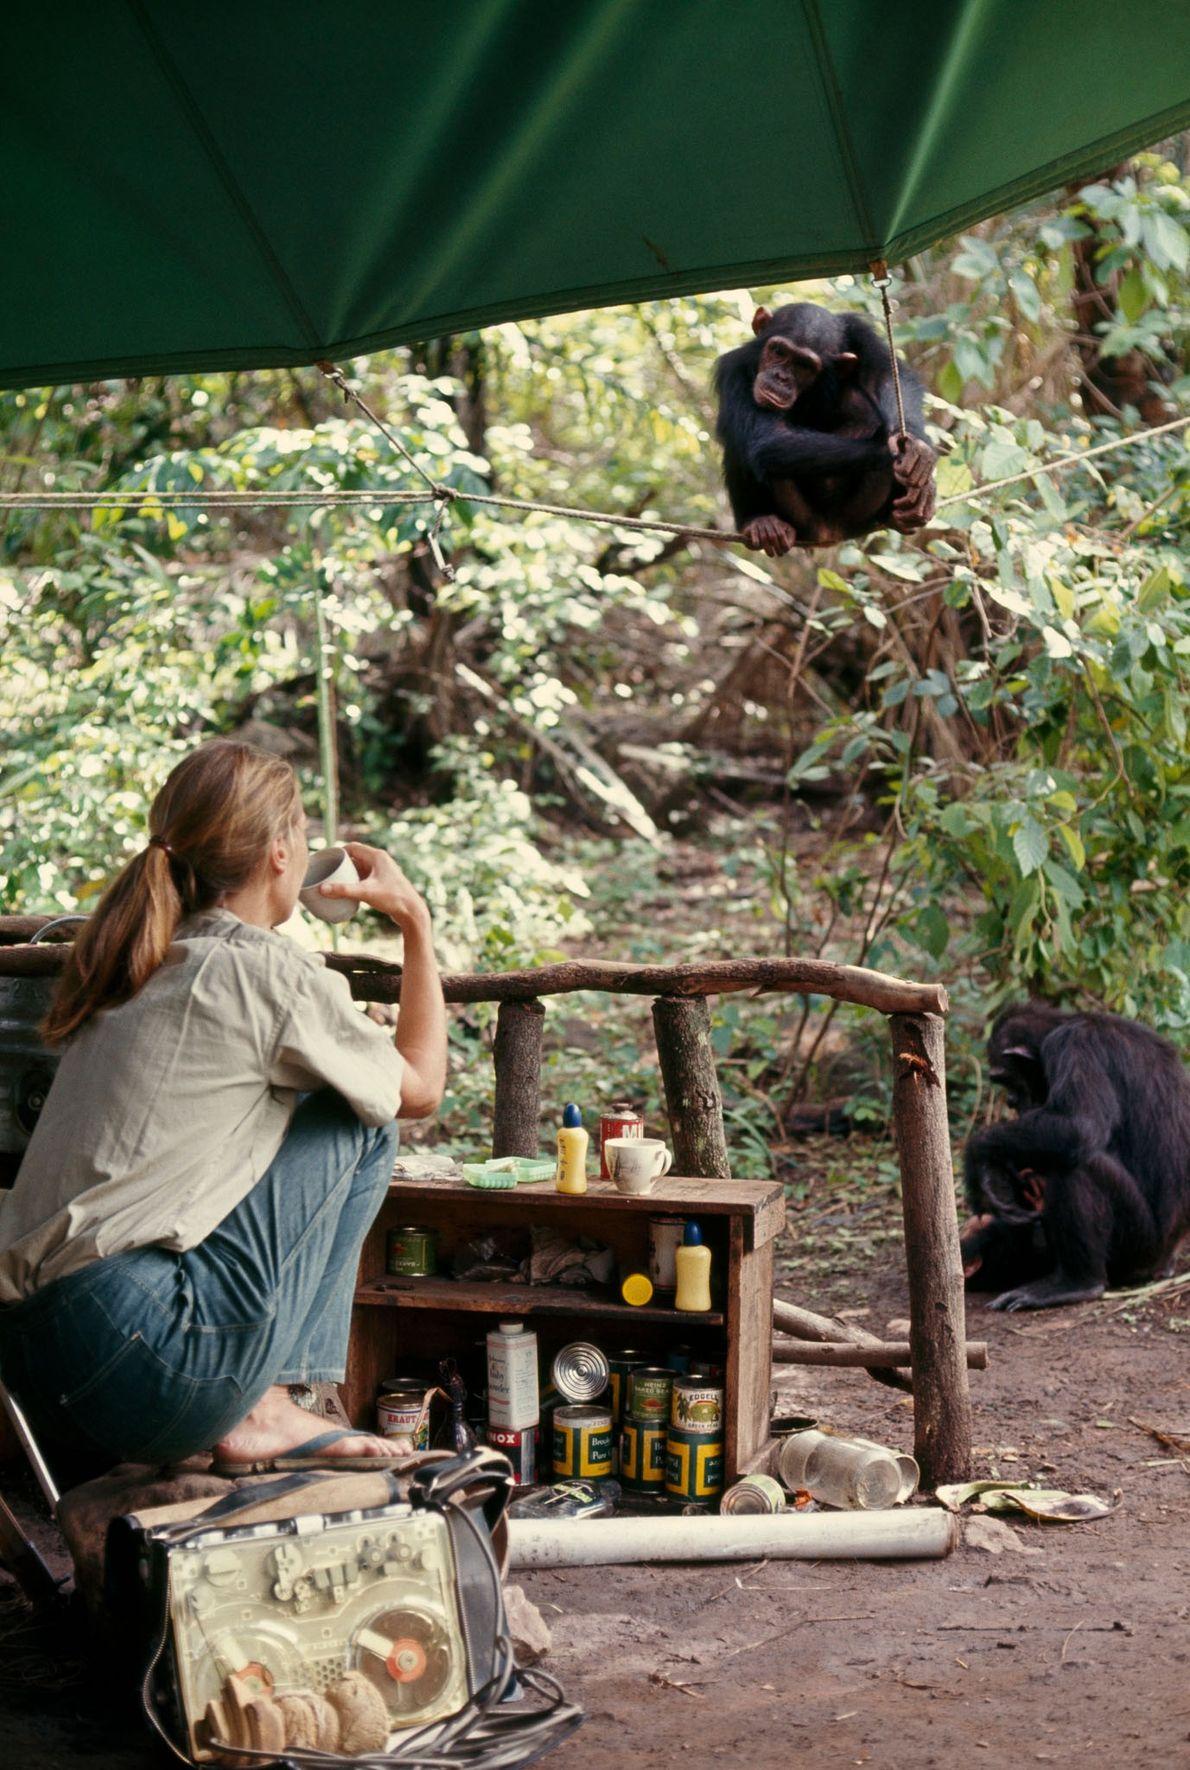 Empoleirada em um corda, um macaco fêmea chamado Fifi observa Jane beber seu drink enquanto espera ...